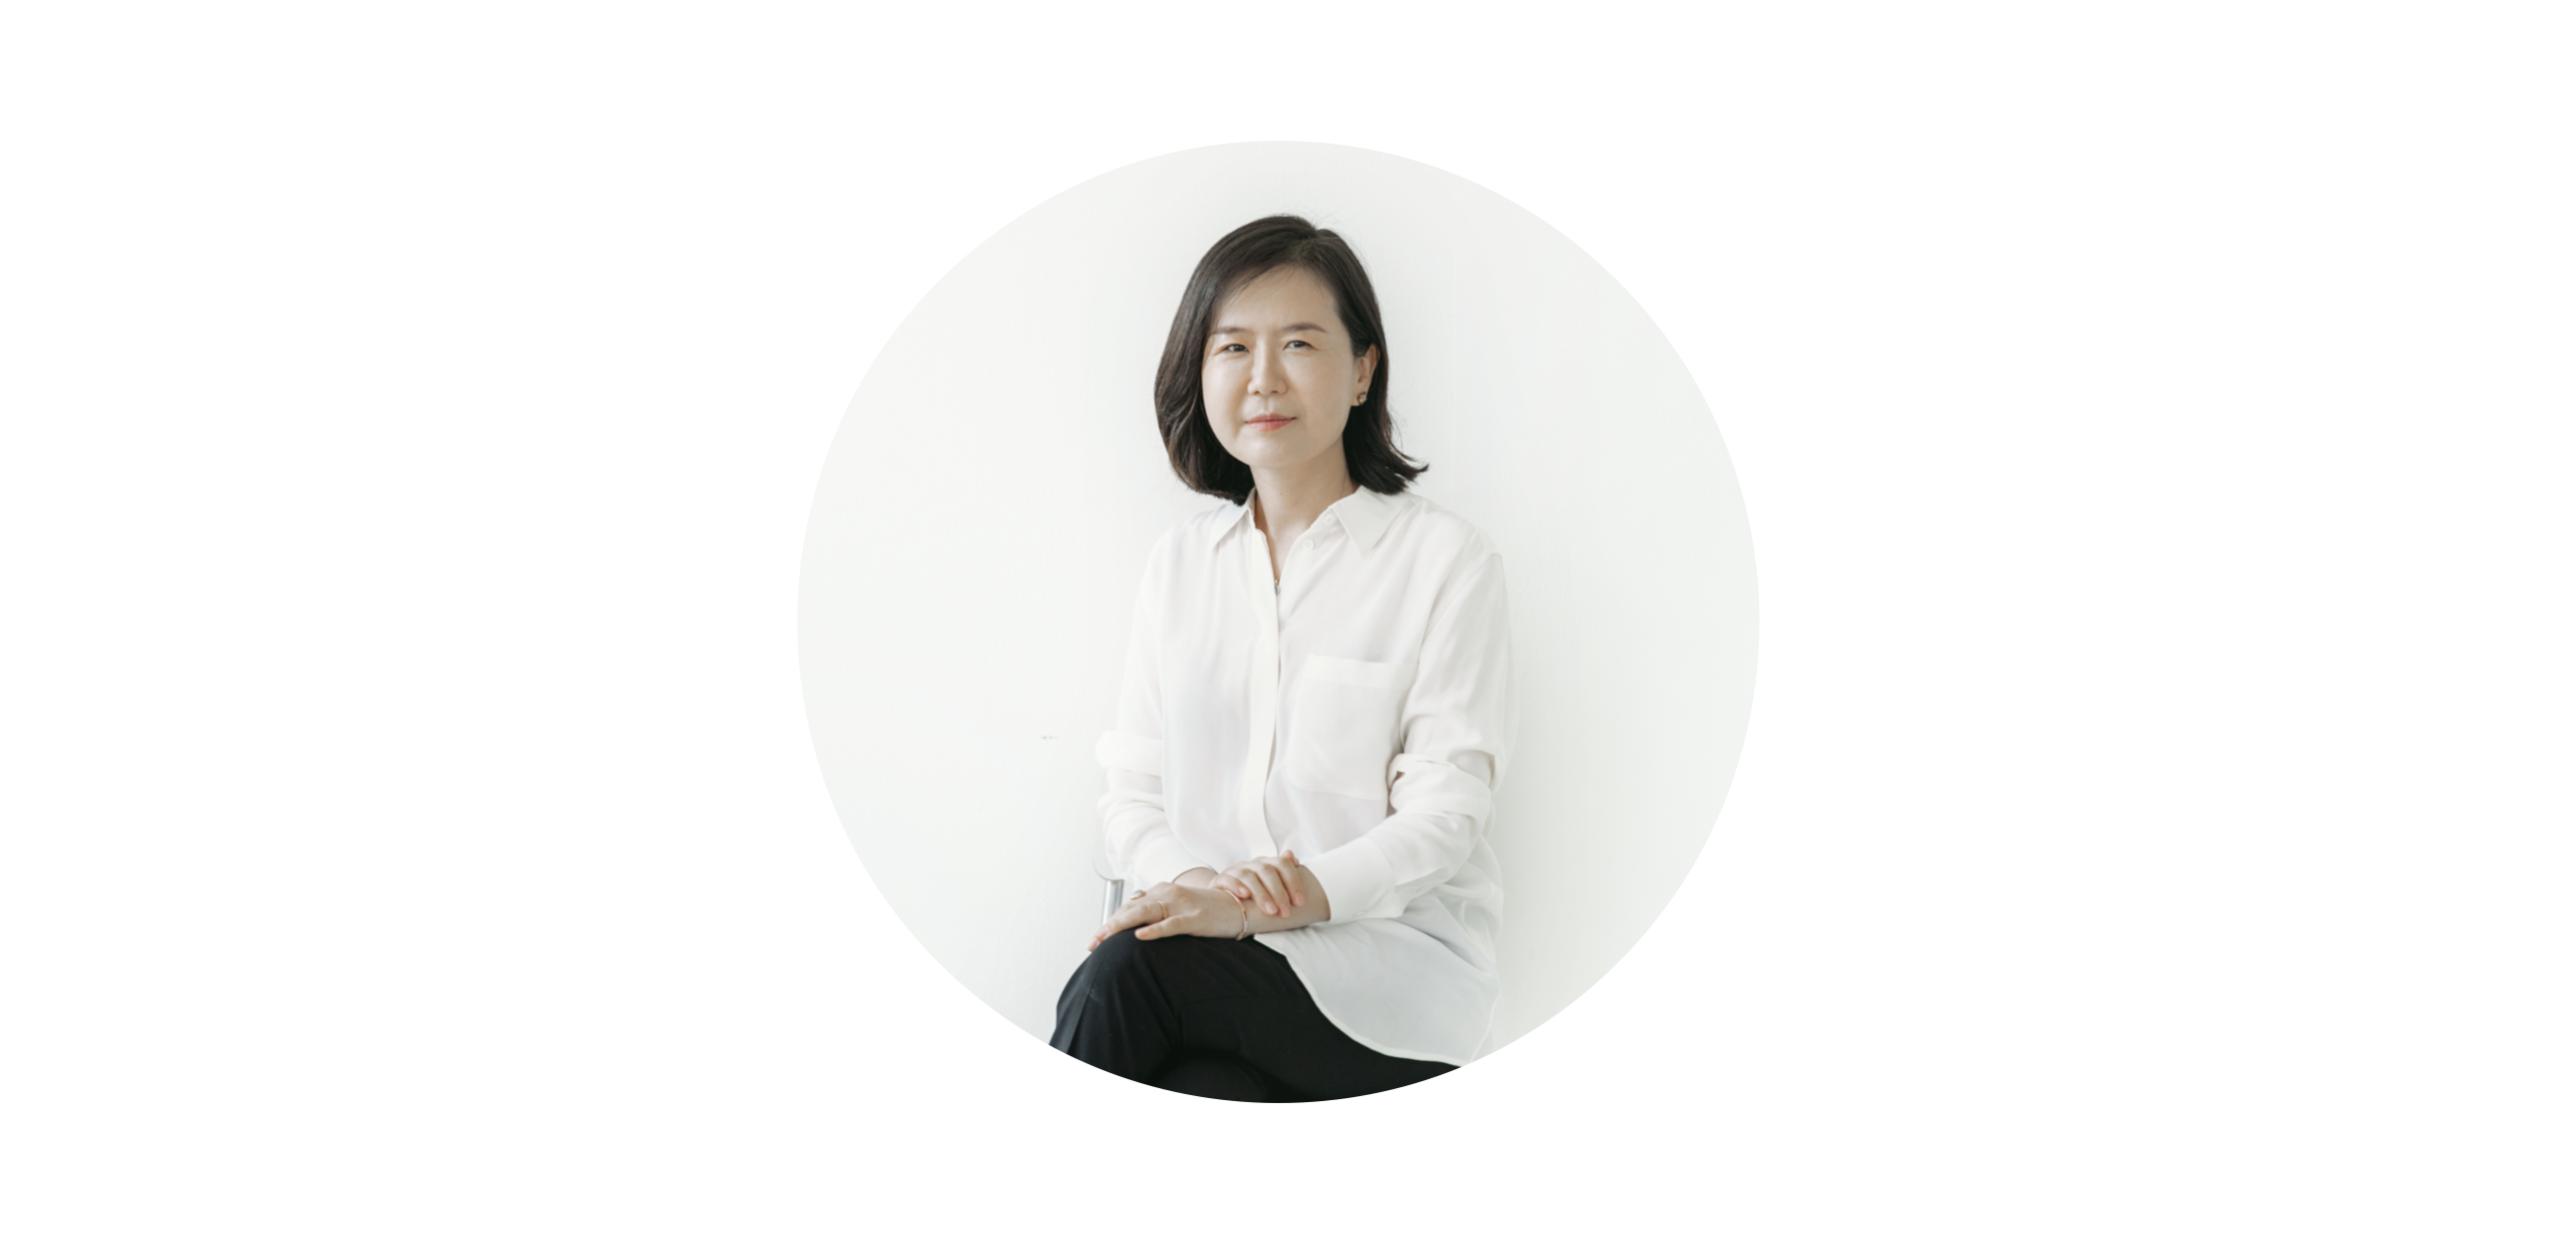 건축전문축제 <오픈하우스 서울> 대표 임진영 사진1